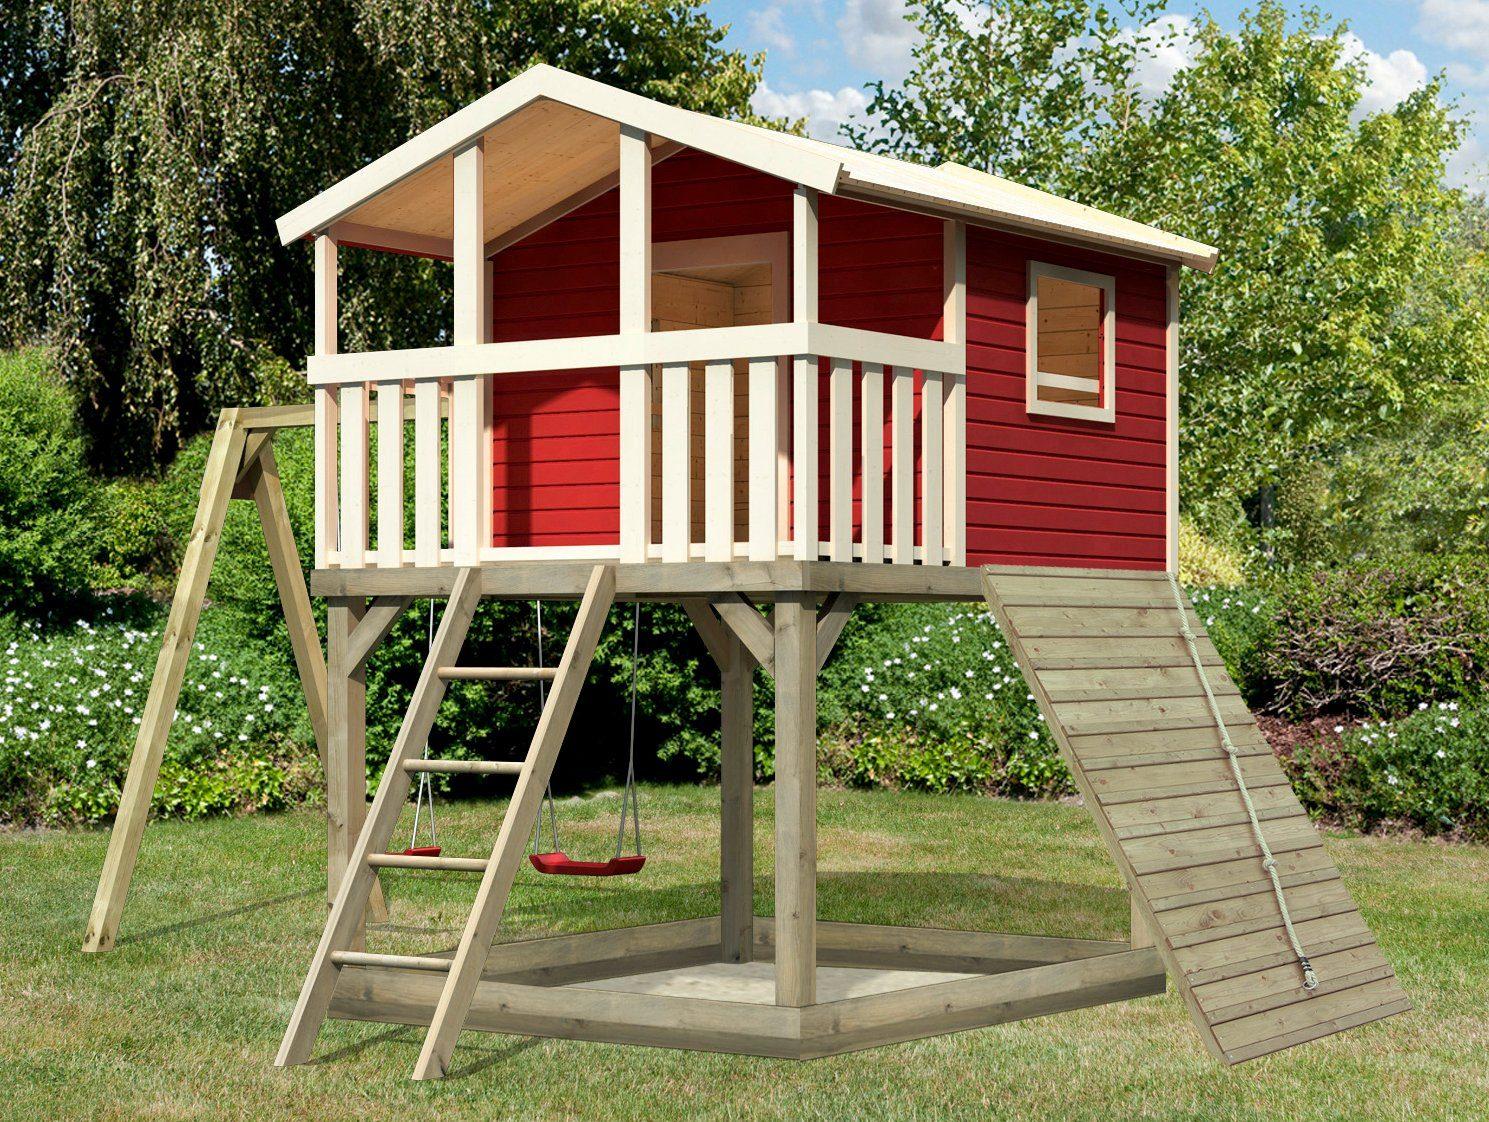 KARIBU Spielturm »Unfug 16«, BxT: 470x339 cm, mit Sandkasten, Doppelschaukel, Holzrampe